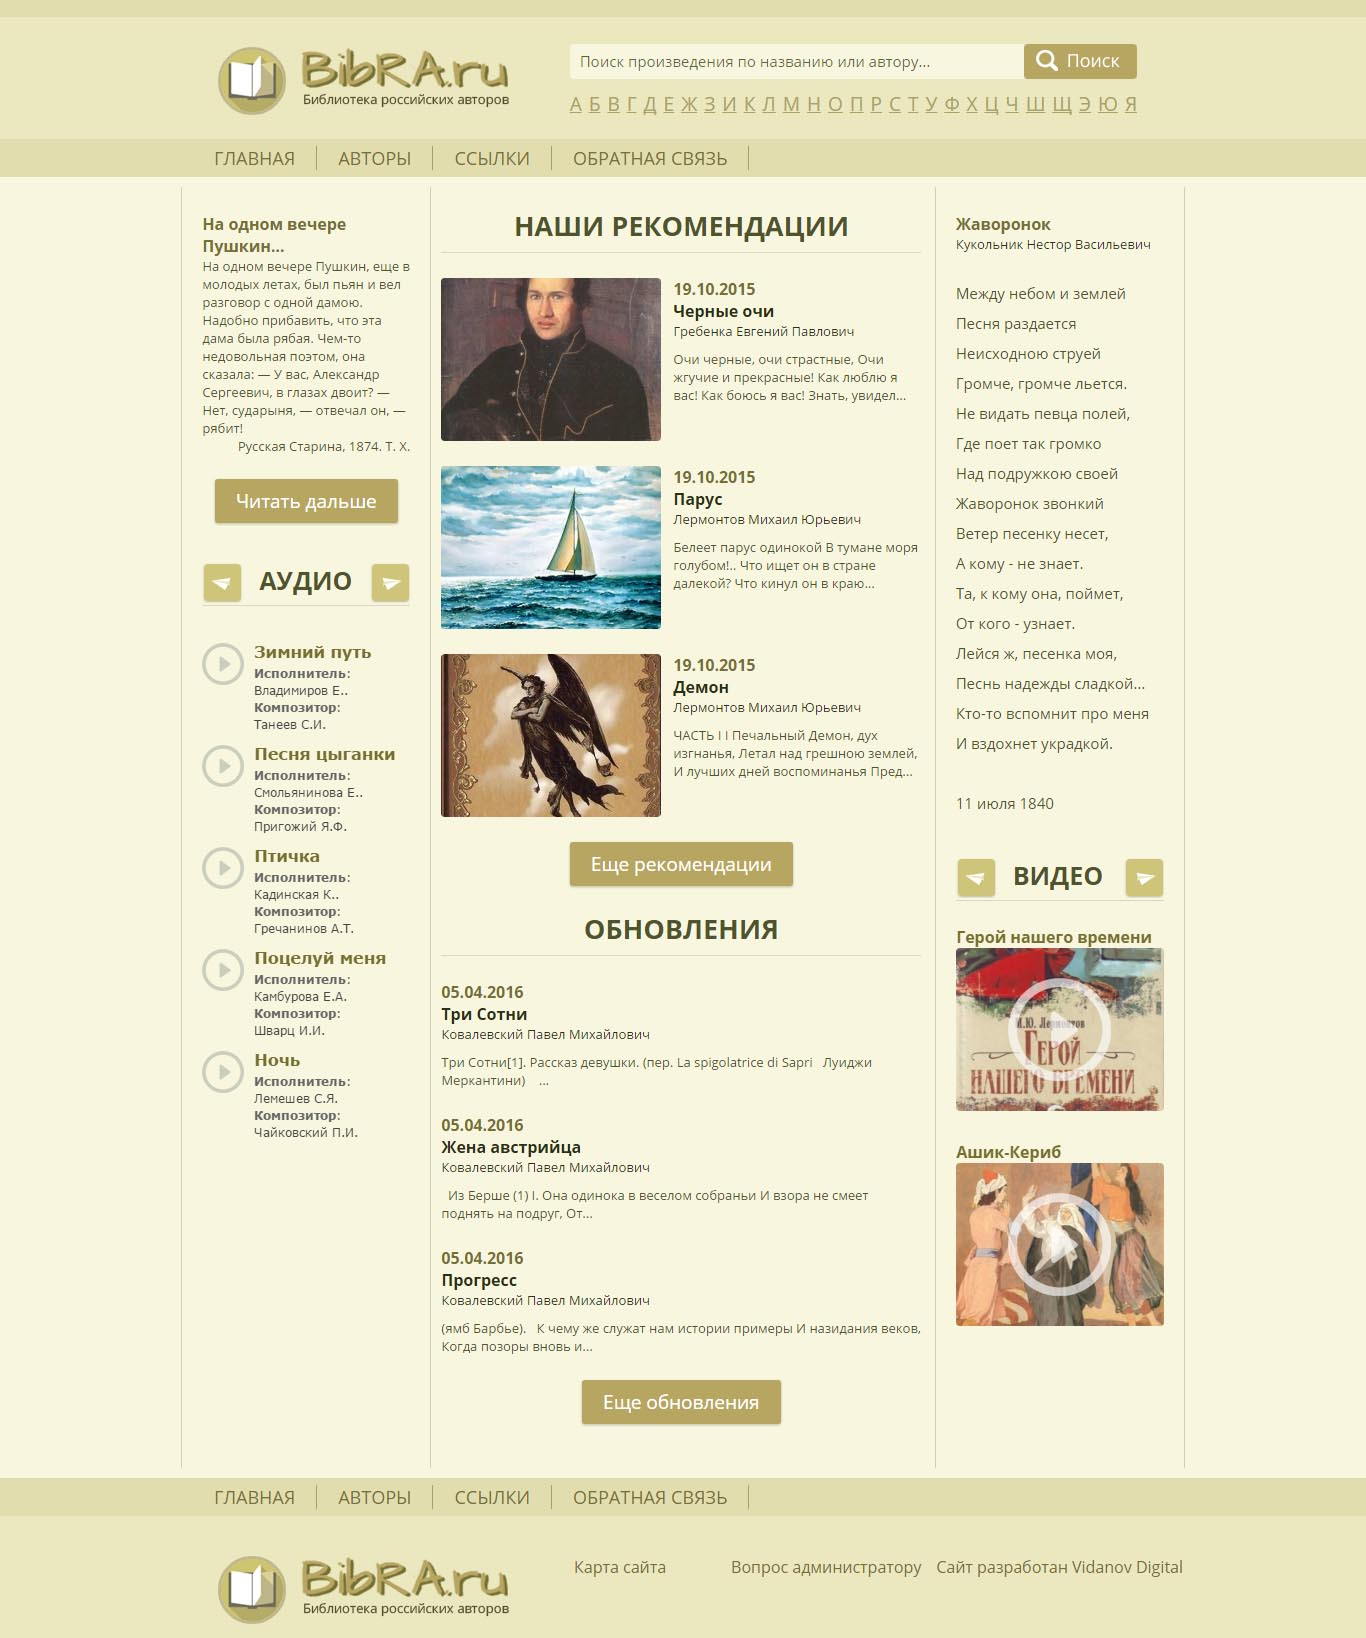 «BibRA.ru» — библиотека российских авторов